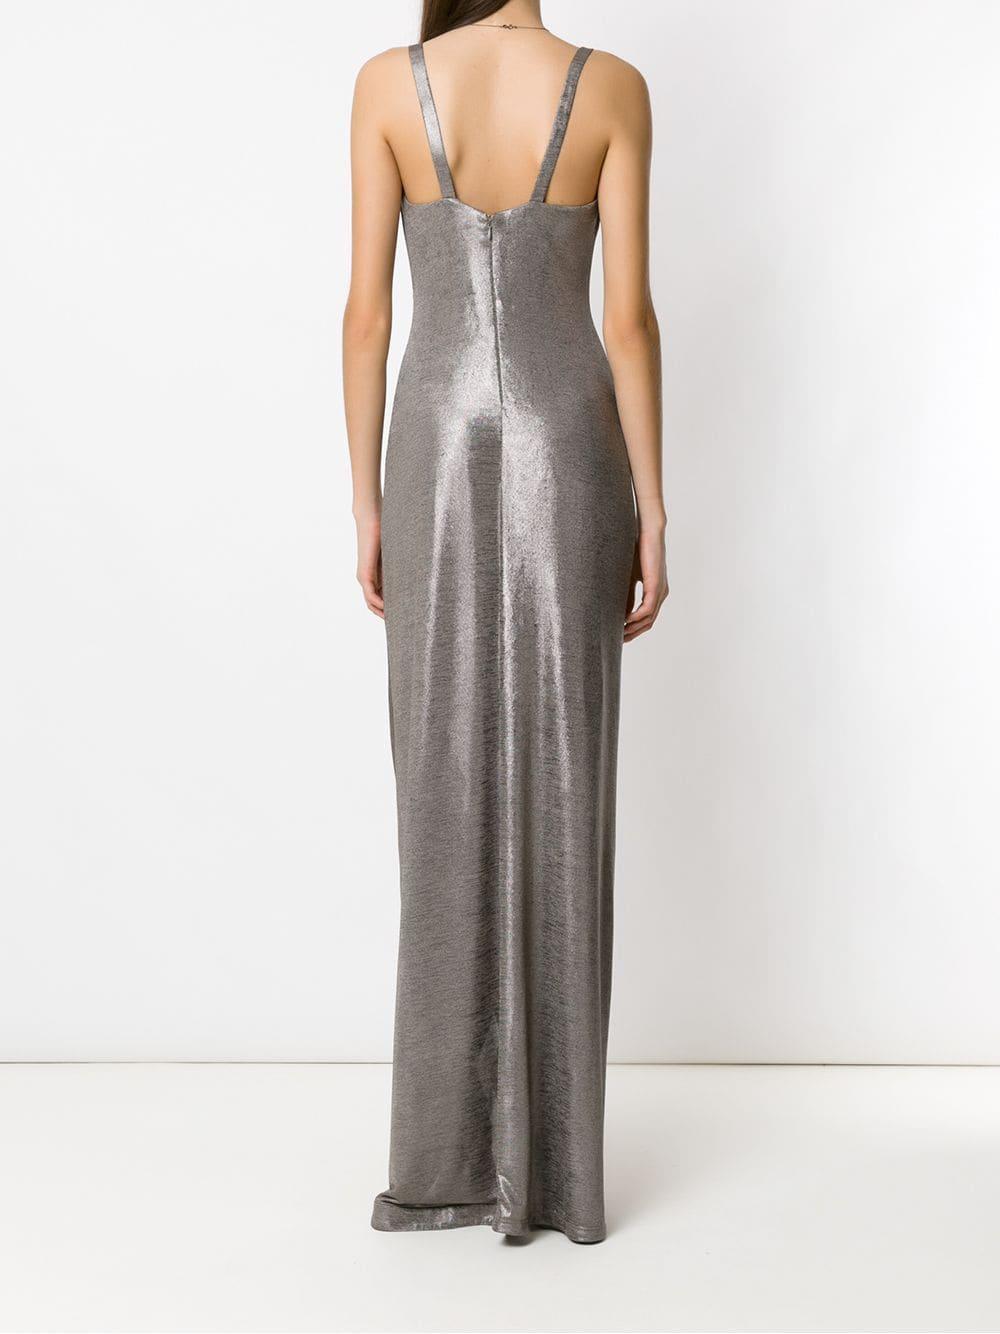 Vestido largo metalizado Tufi Duek de Tejido sintético de color Gris